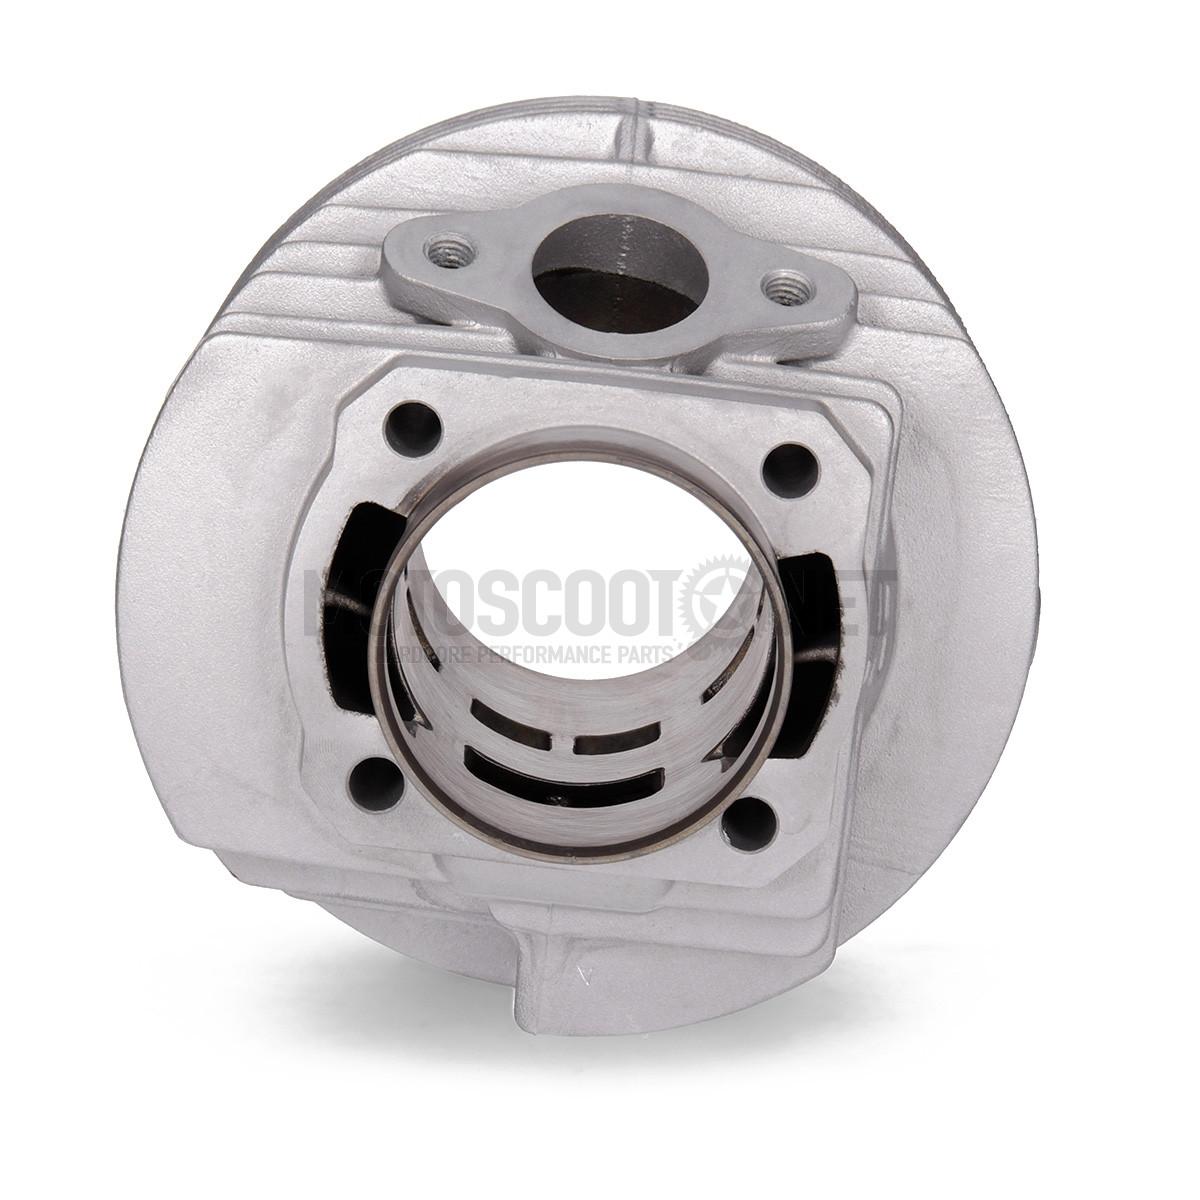 Cilindro Vespa Primavera 125cc a 130cc DR Racing Aluminio Sku:KT00135 /k/t/kt00135.jpg